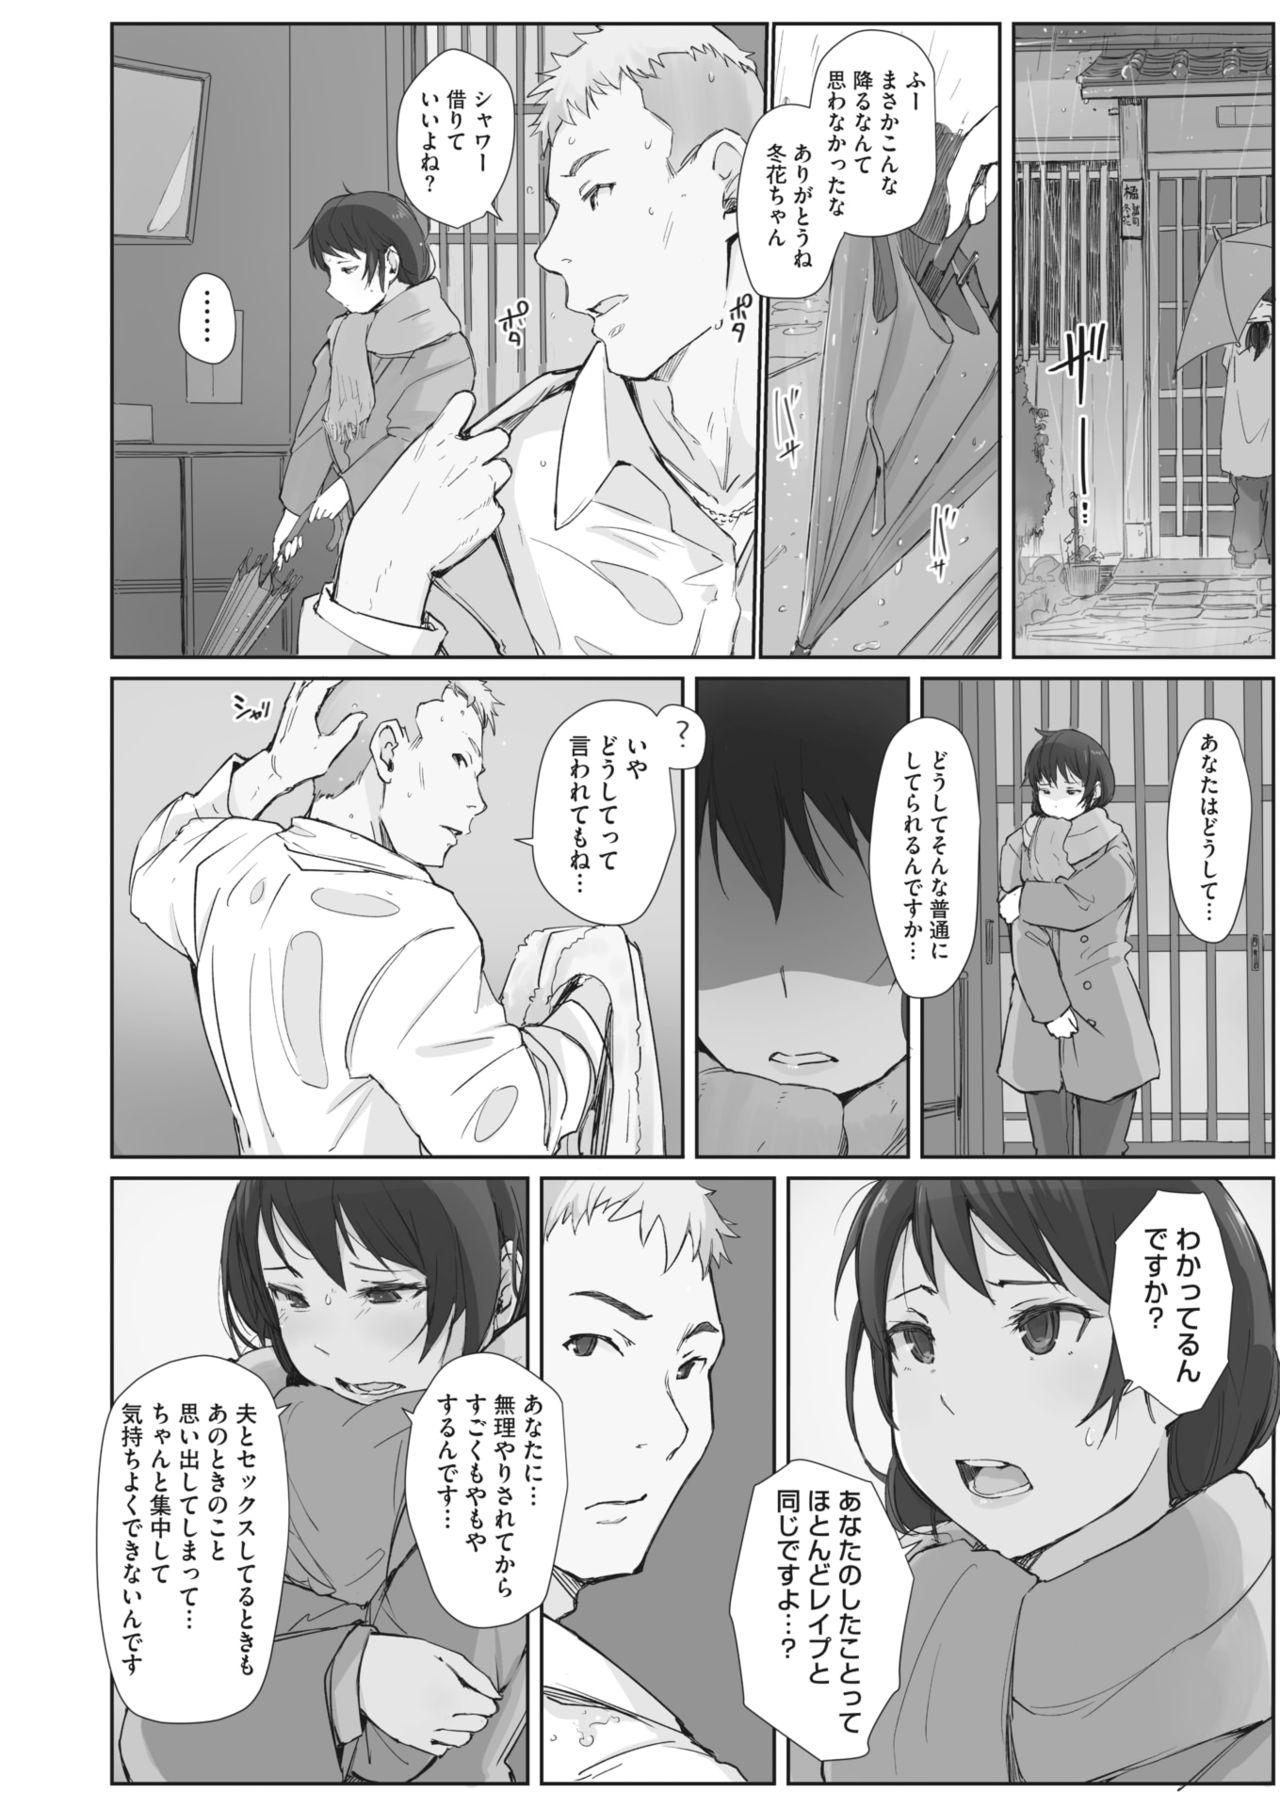 Kawa no Tsumetasa wa Haru no Otozure 1-4 77